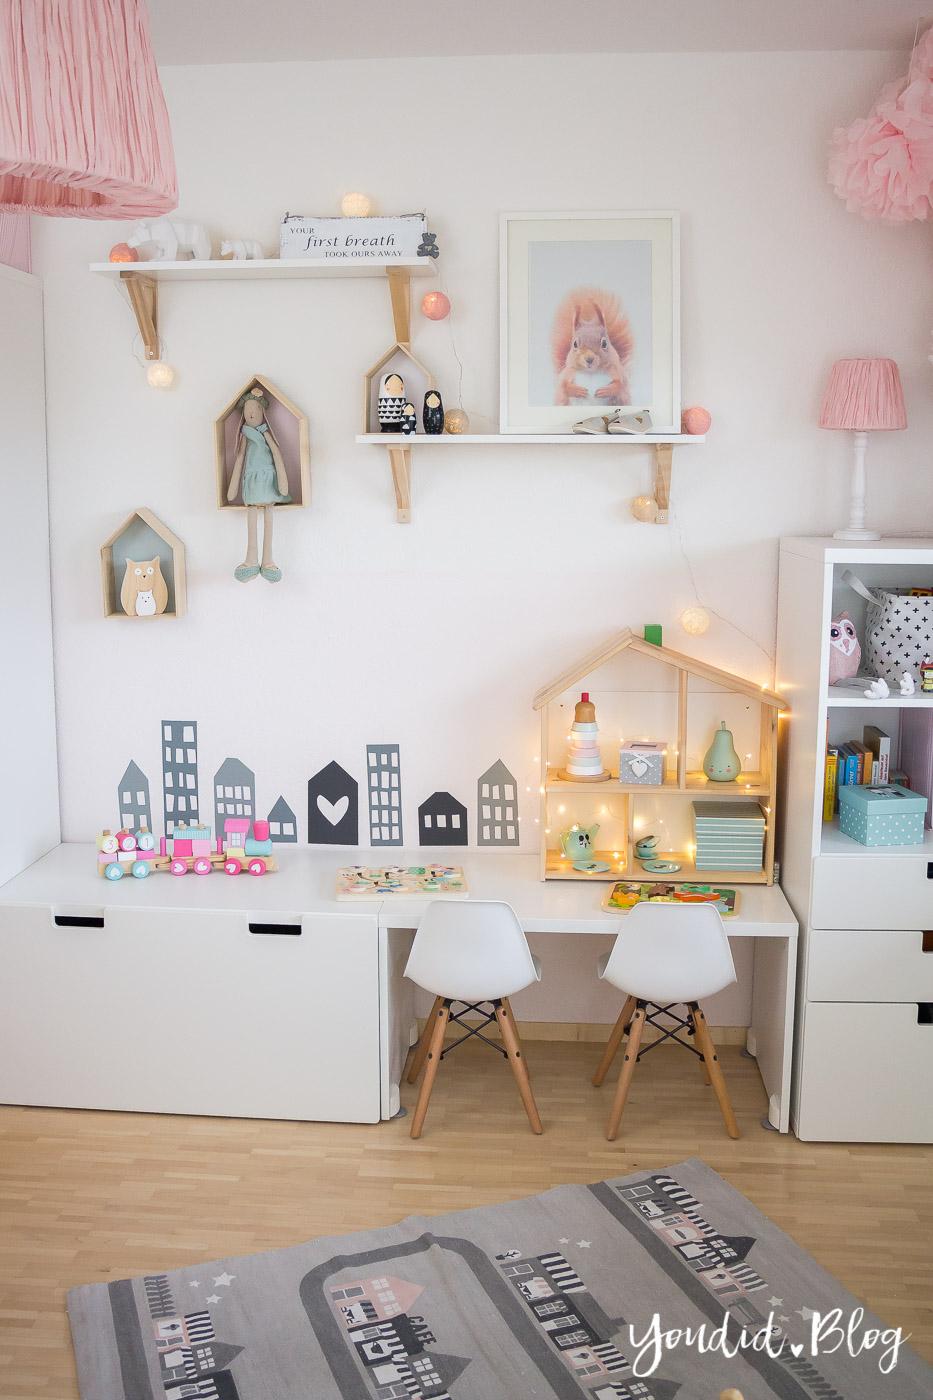 farbwirkung auf babys und kleinkinder unser skandinavisches kinderzimmer mit alpina youdid. Black Bedroom Furniture Sets. Home Design Ideas